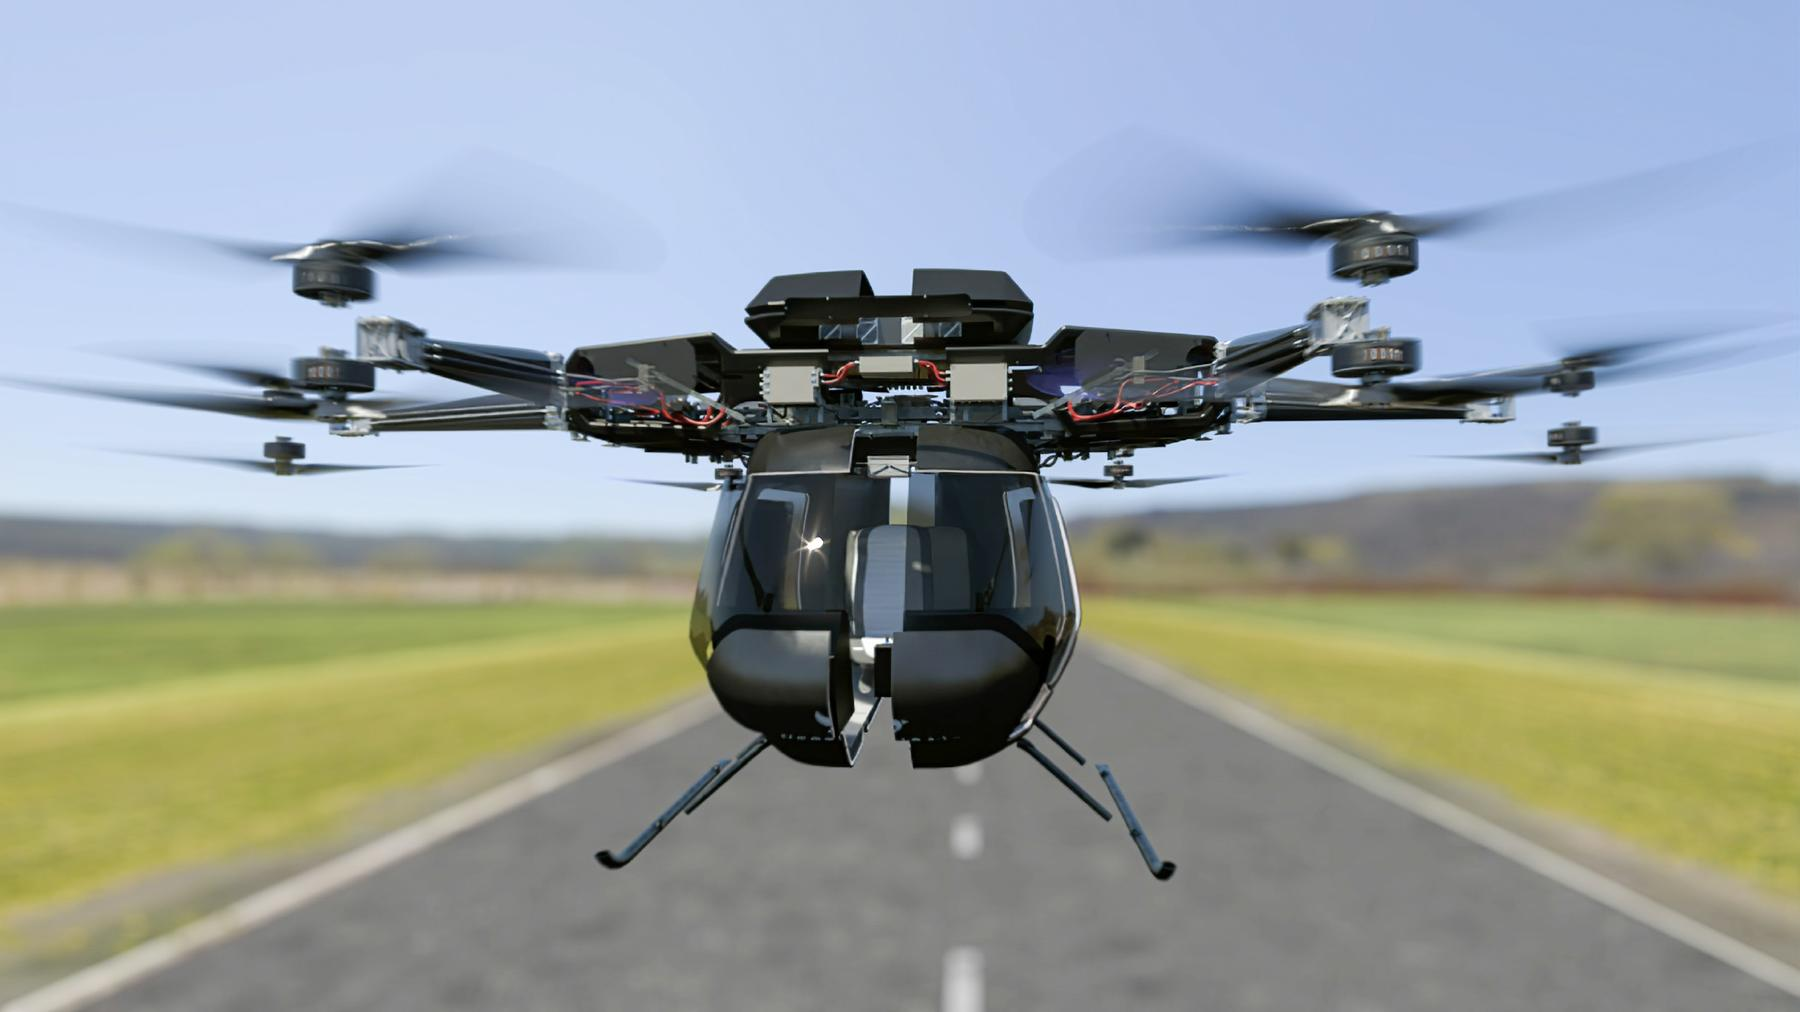 Super-Maschinen - Das fliegende Auto